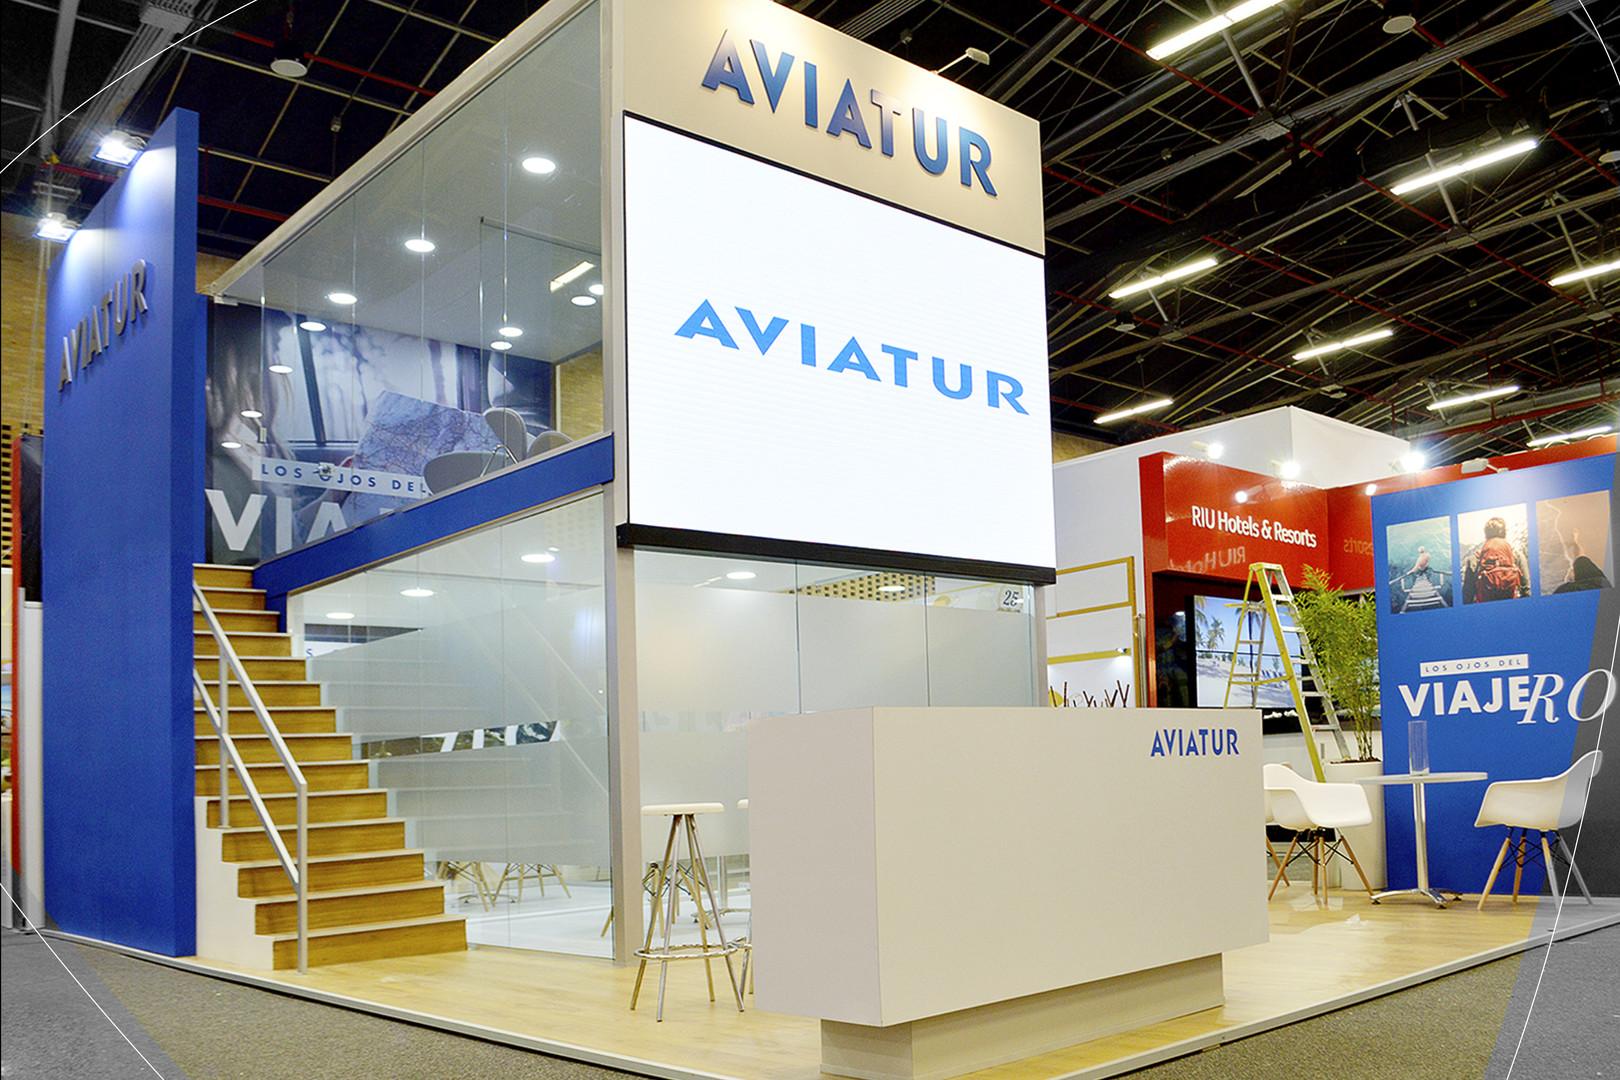 Aviatur_Panorama_sin_título23.jpg